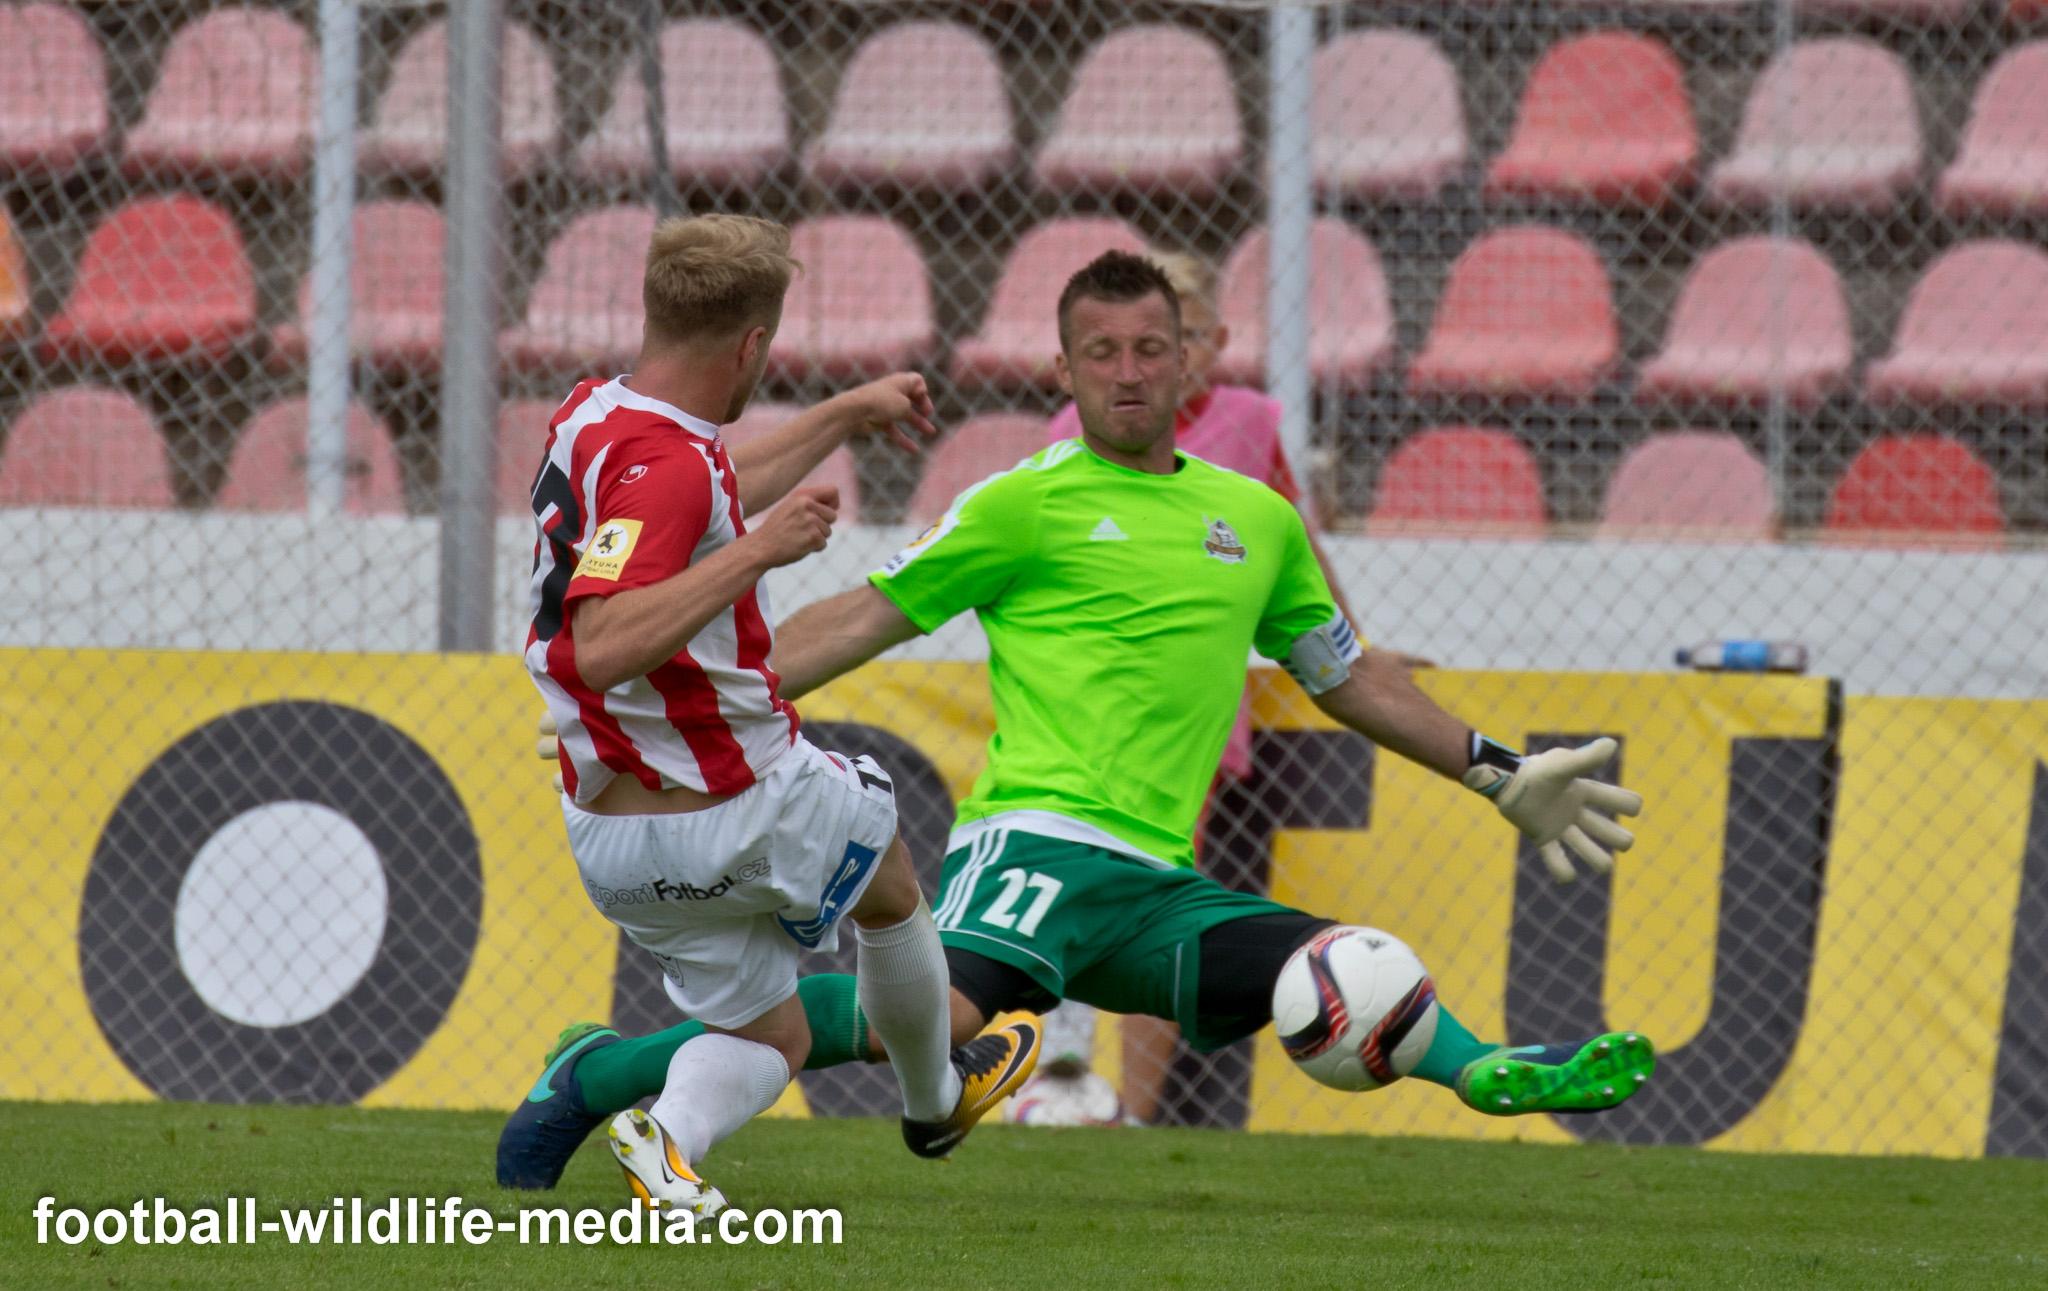 FK Olympia Praha vs. Viktoria Žižkov